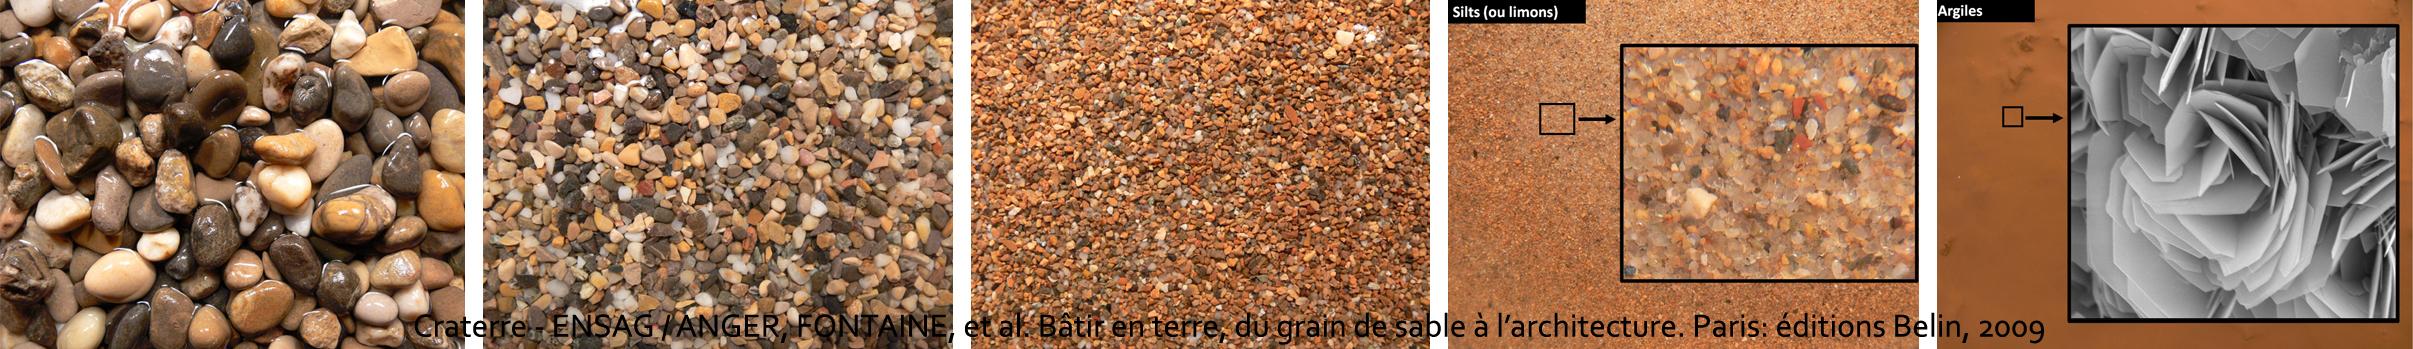 les-grains-craterre-ensag